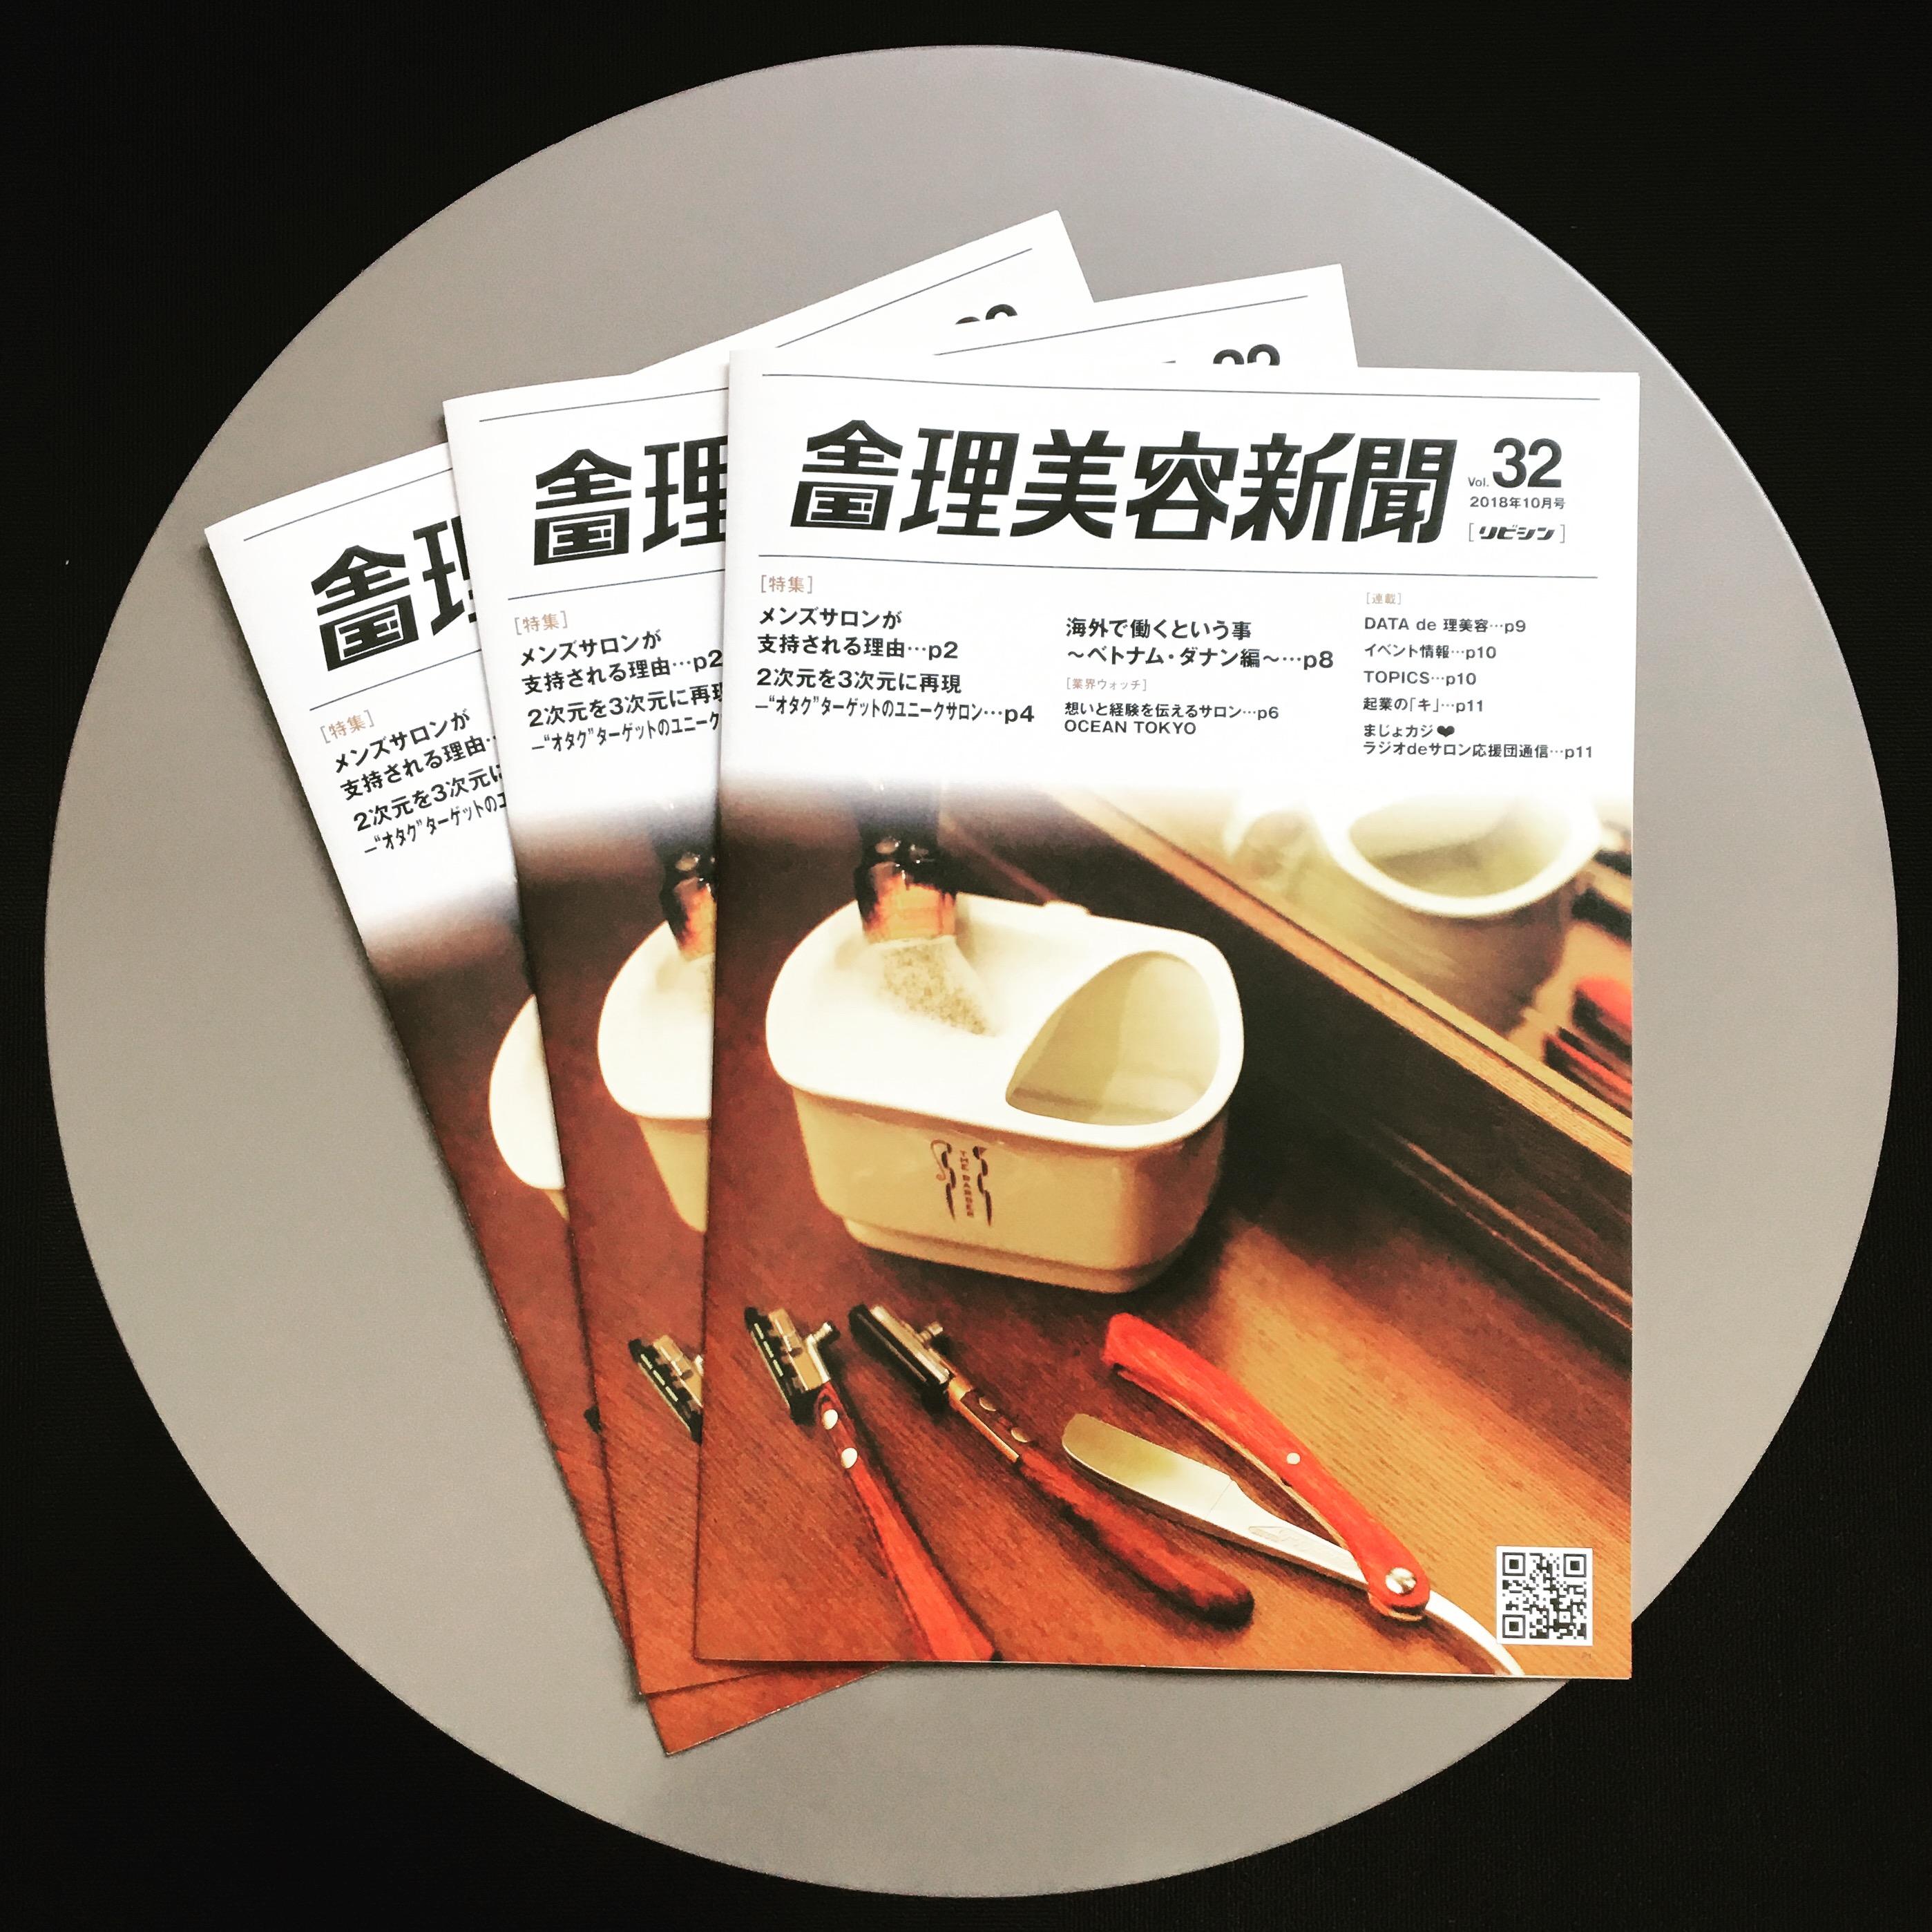 リビシン10月号、発売!